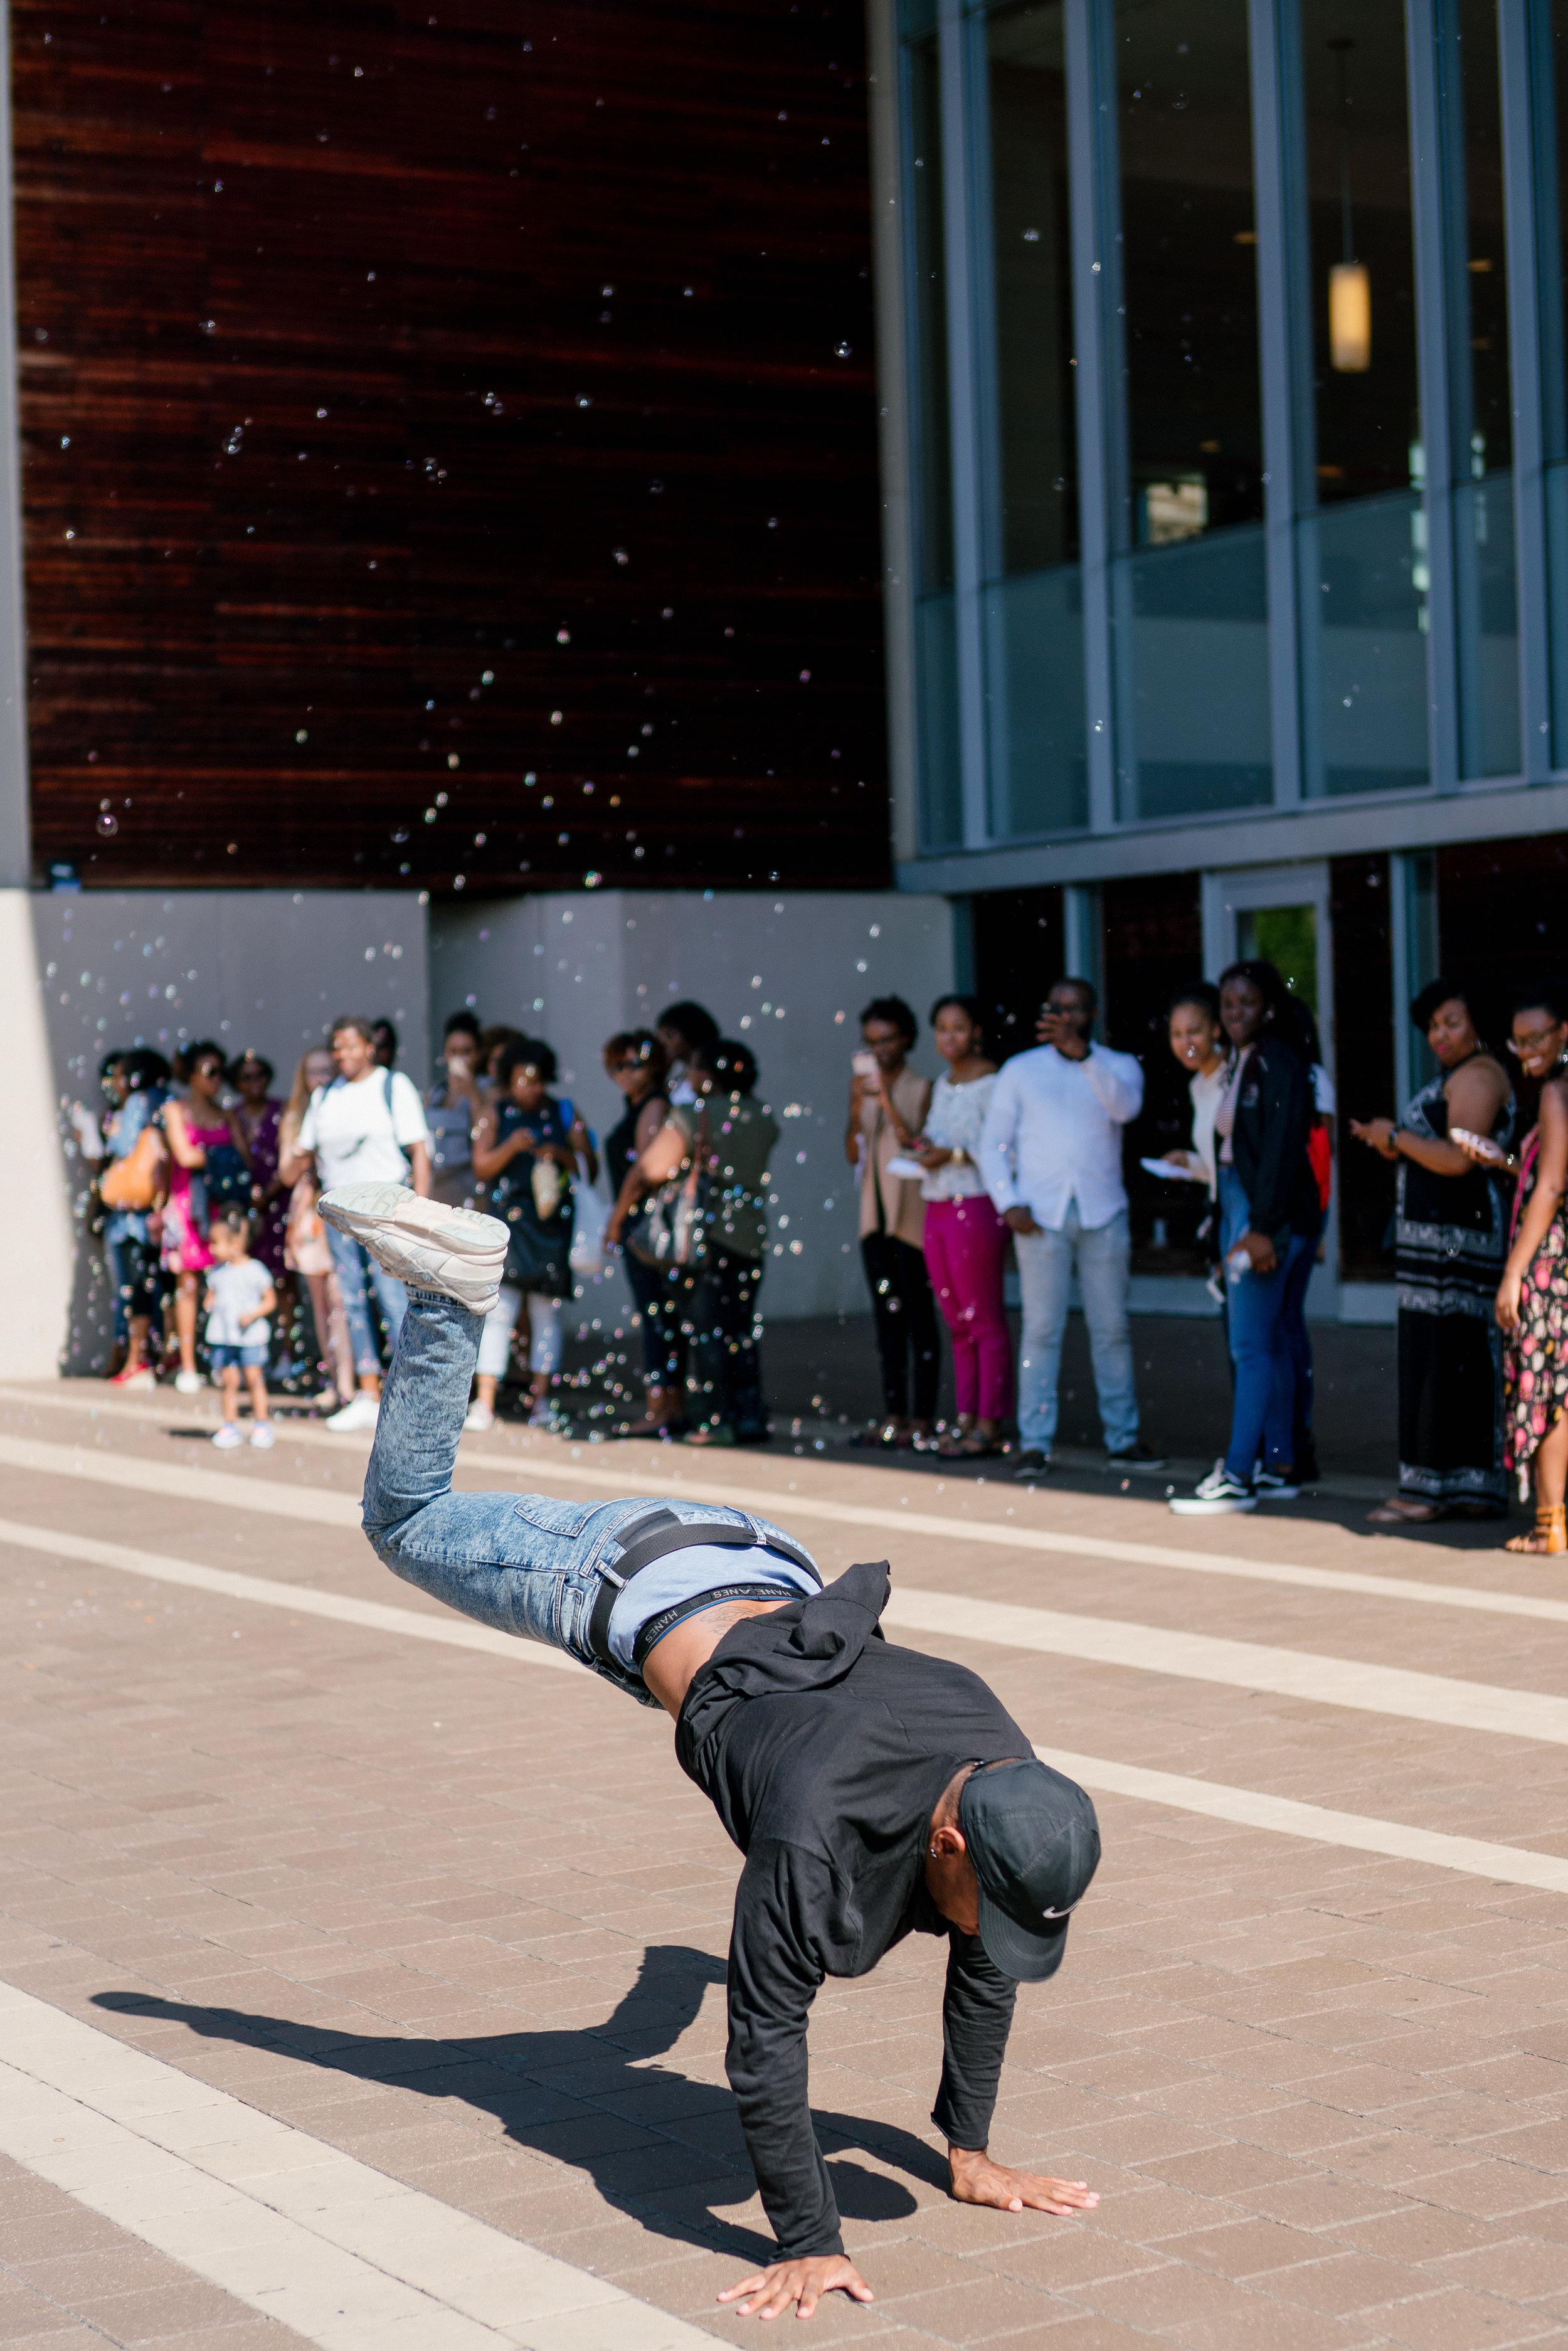 Break dancing while you wait.